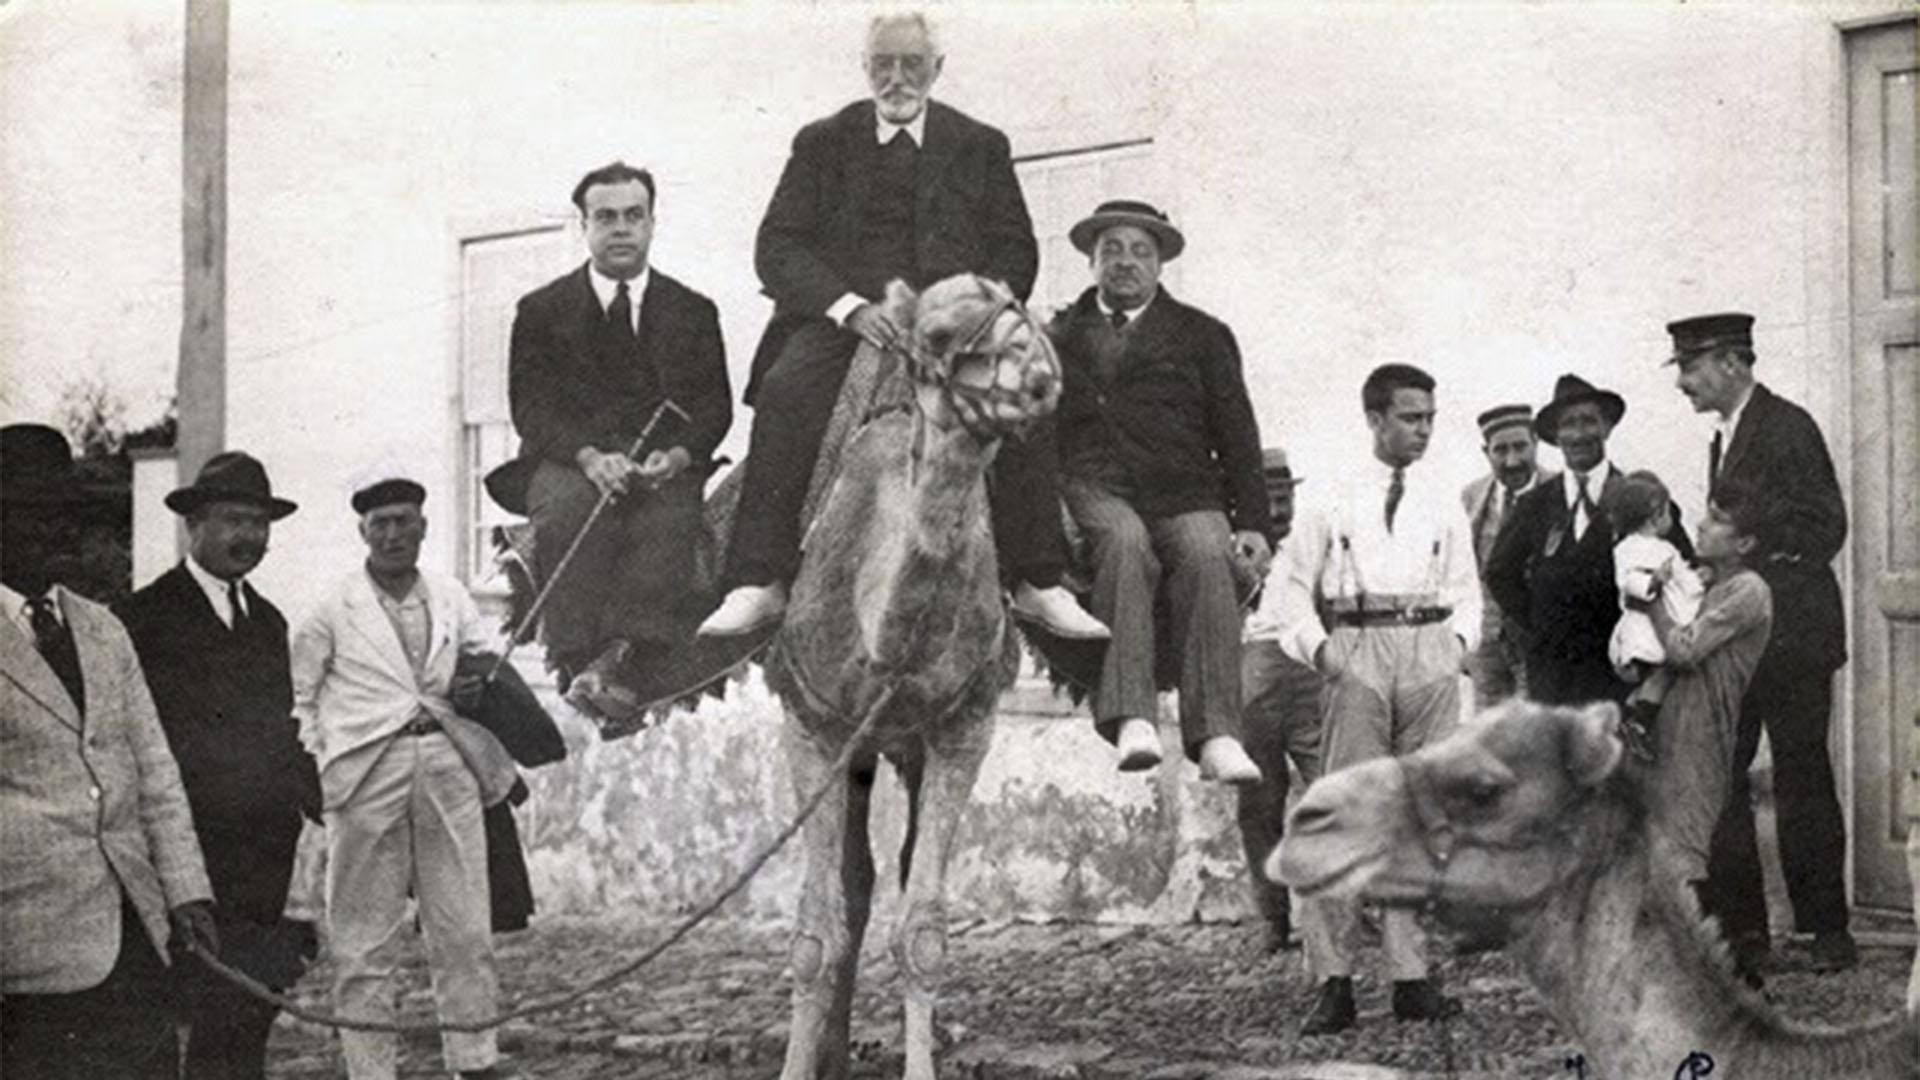 Fuerteventura – Strafkolonie der spanischen Militärdiktatur. Wer hier landete trat einen schweren Weg an.